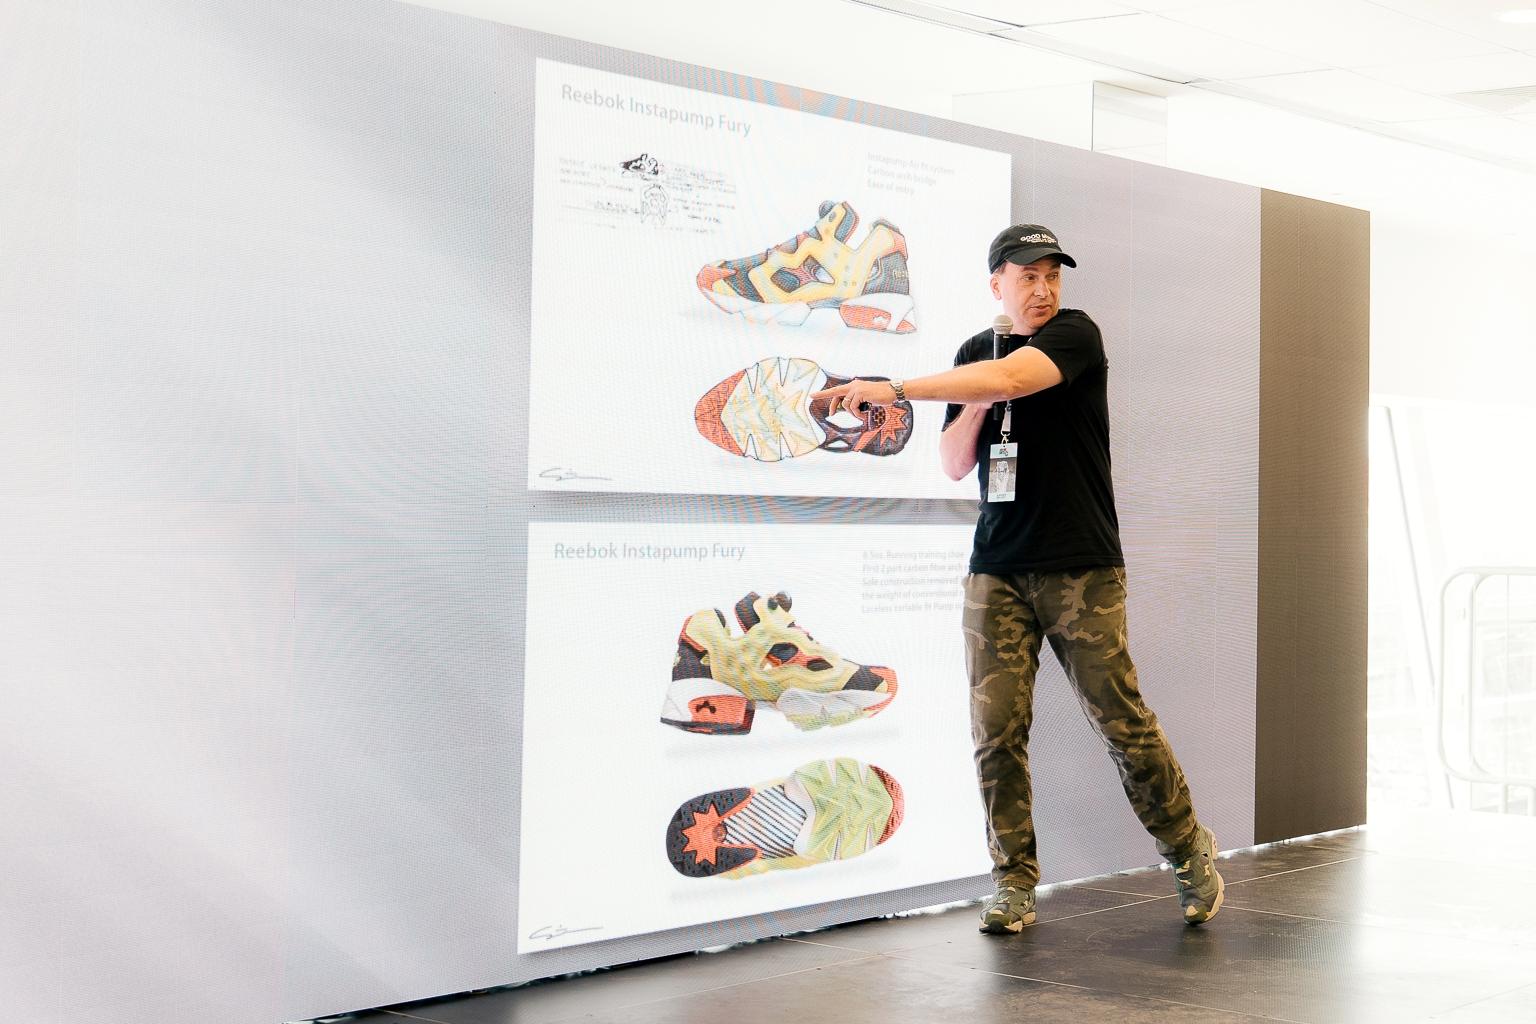 Стивен Смит представляет разработанные им Reebok Instapump Fury